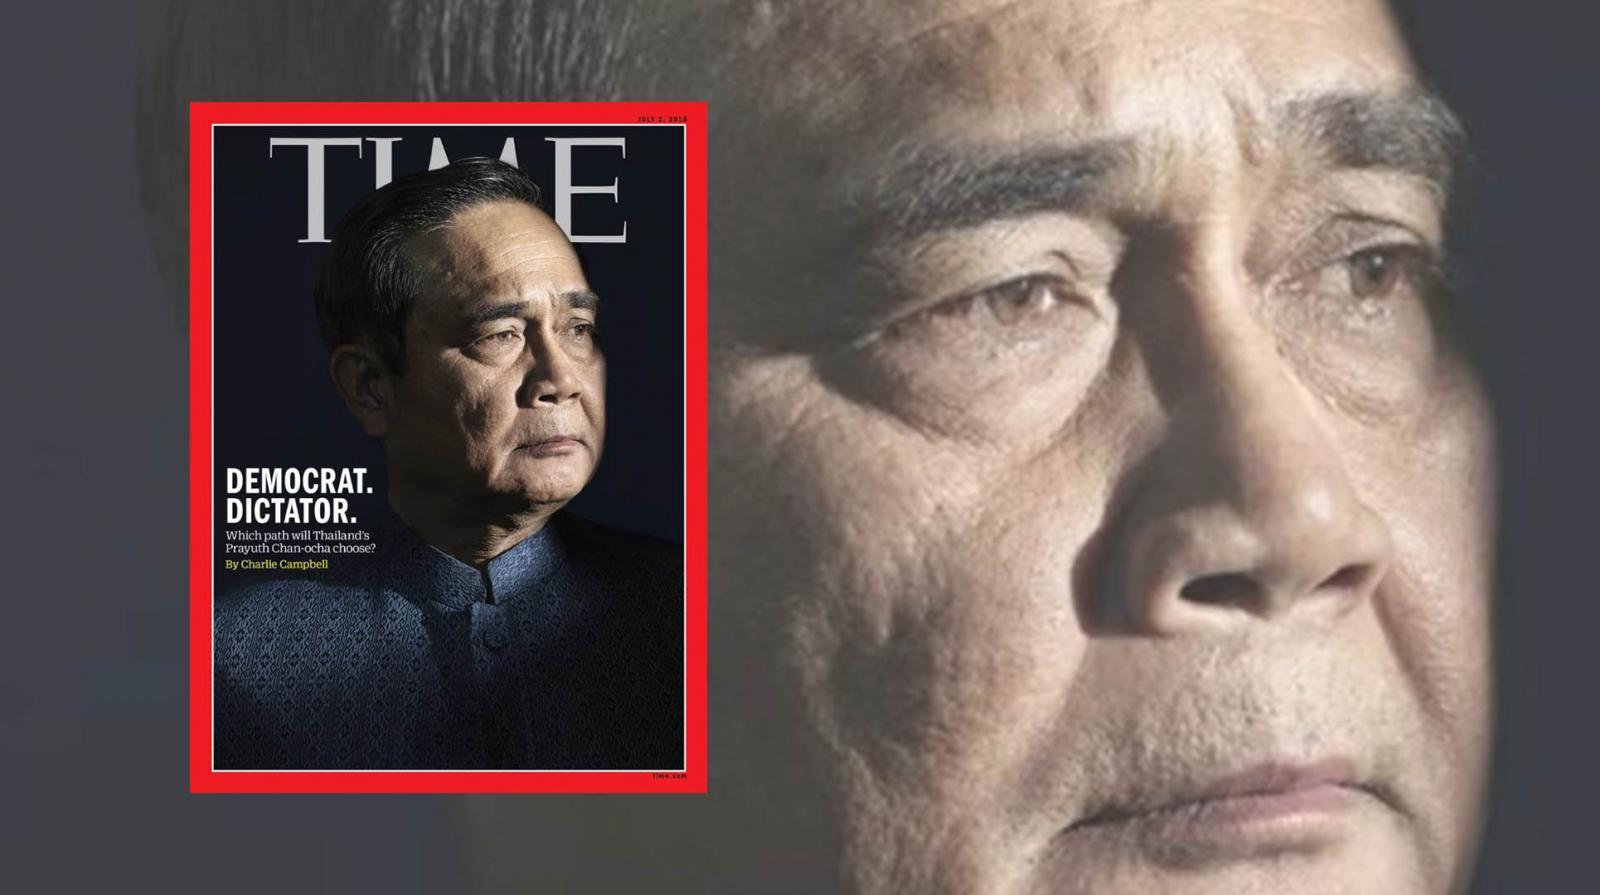 """นิตยสาร """"ไทม์"""" เตรียมขึ้นปก """"บิ๊กตู่"""" พาดหัวถาม """"เลือกประชาธิปไตย หรือเผด็จการ"""""""